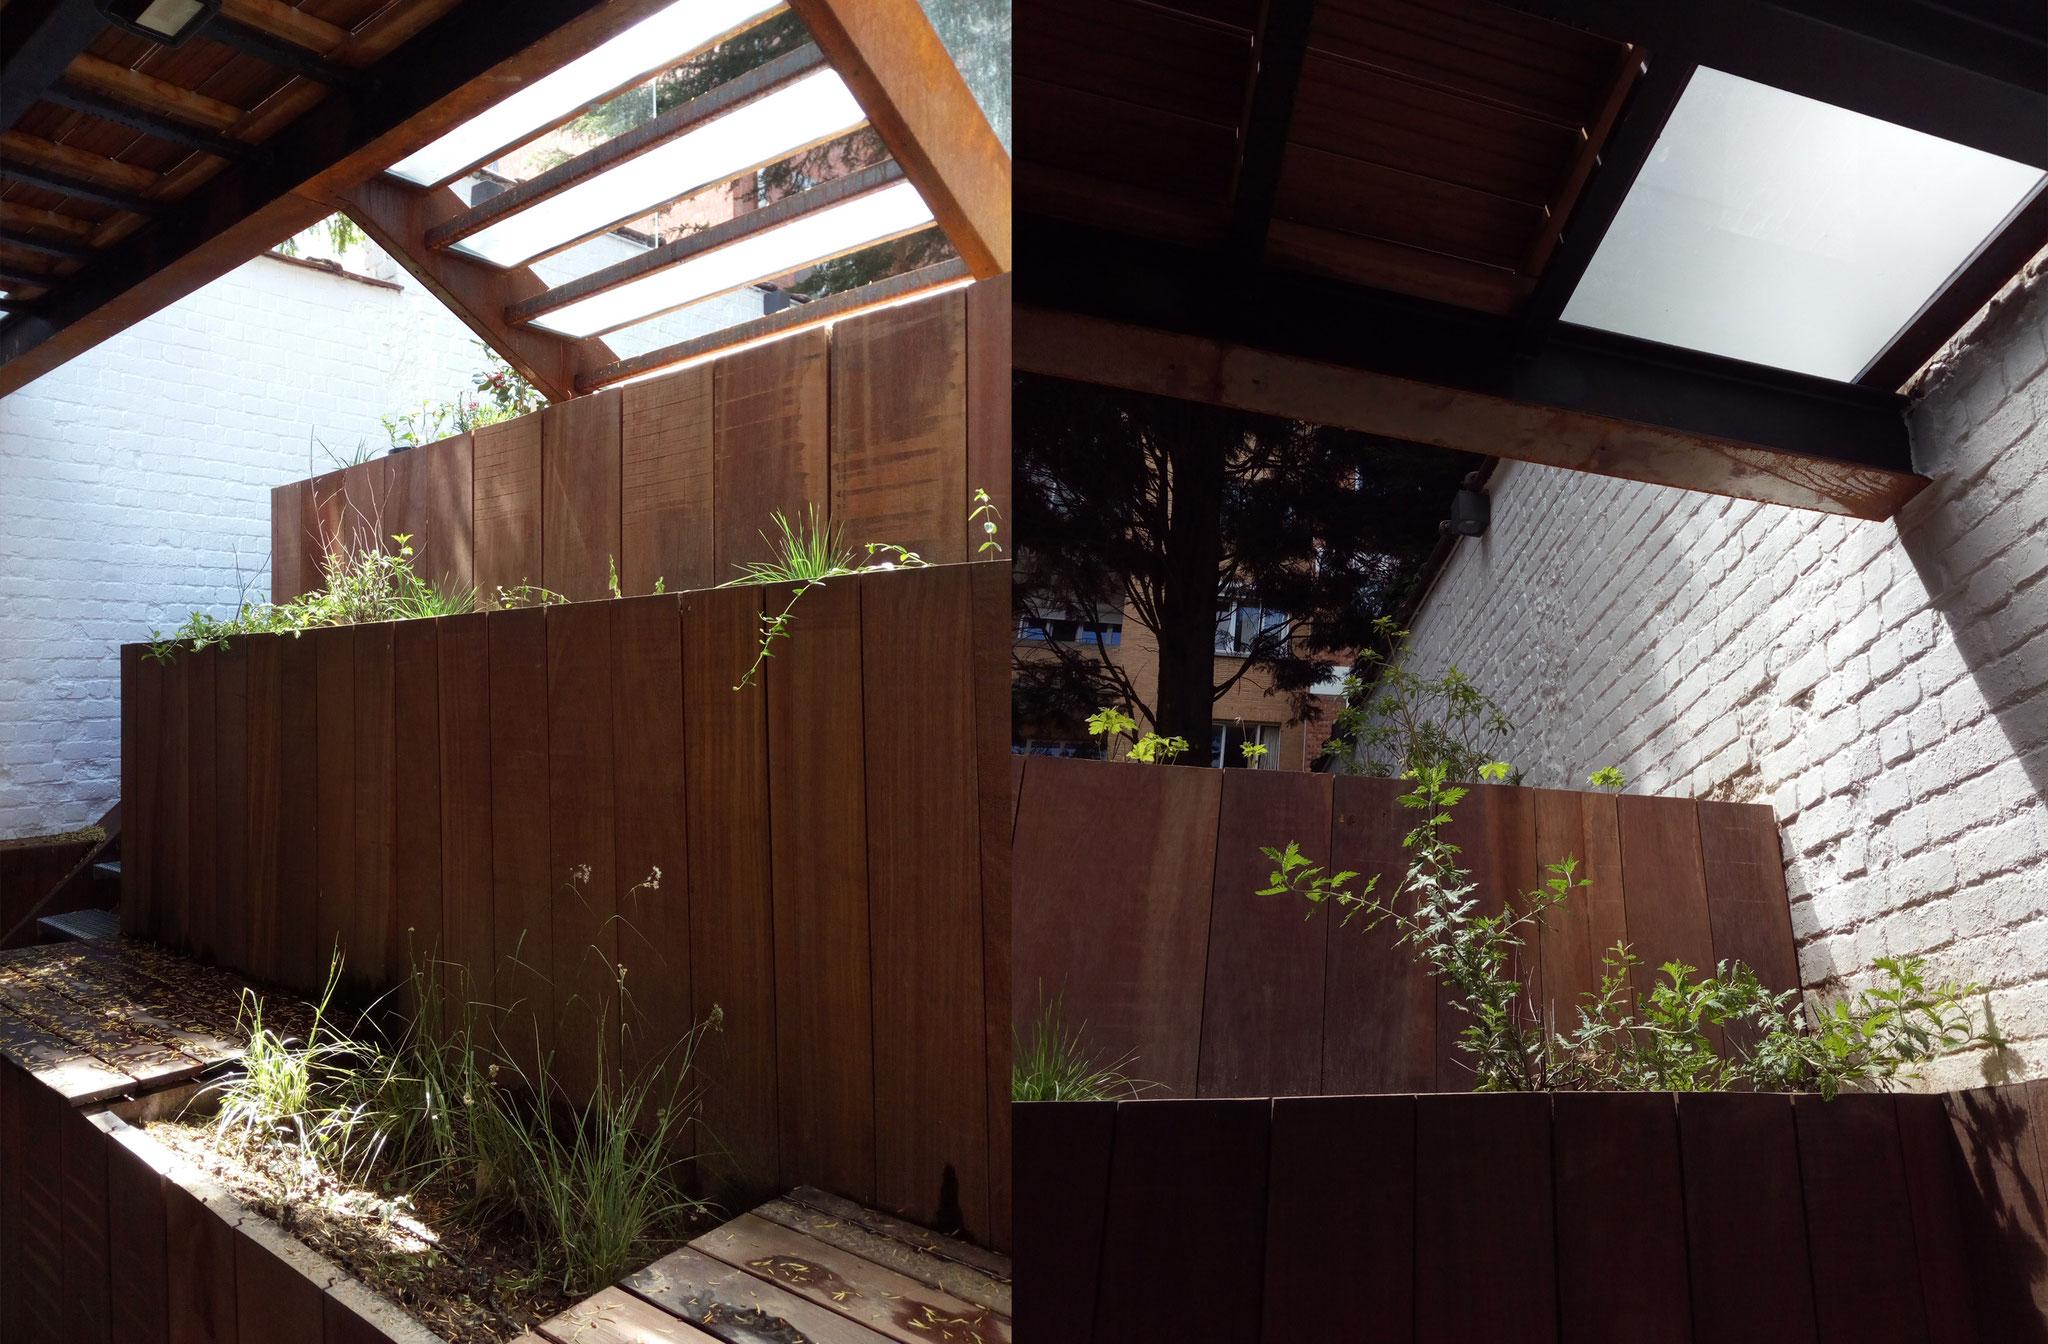 Amenagement jardin bruxelles paysagiste bruxelles for Amenagement jardin 35